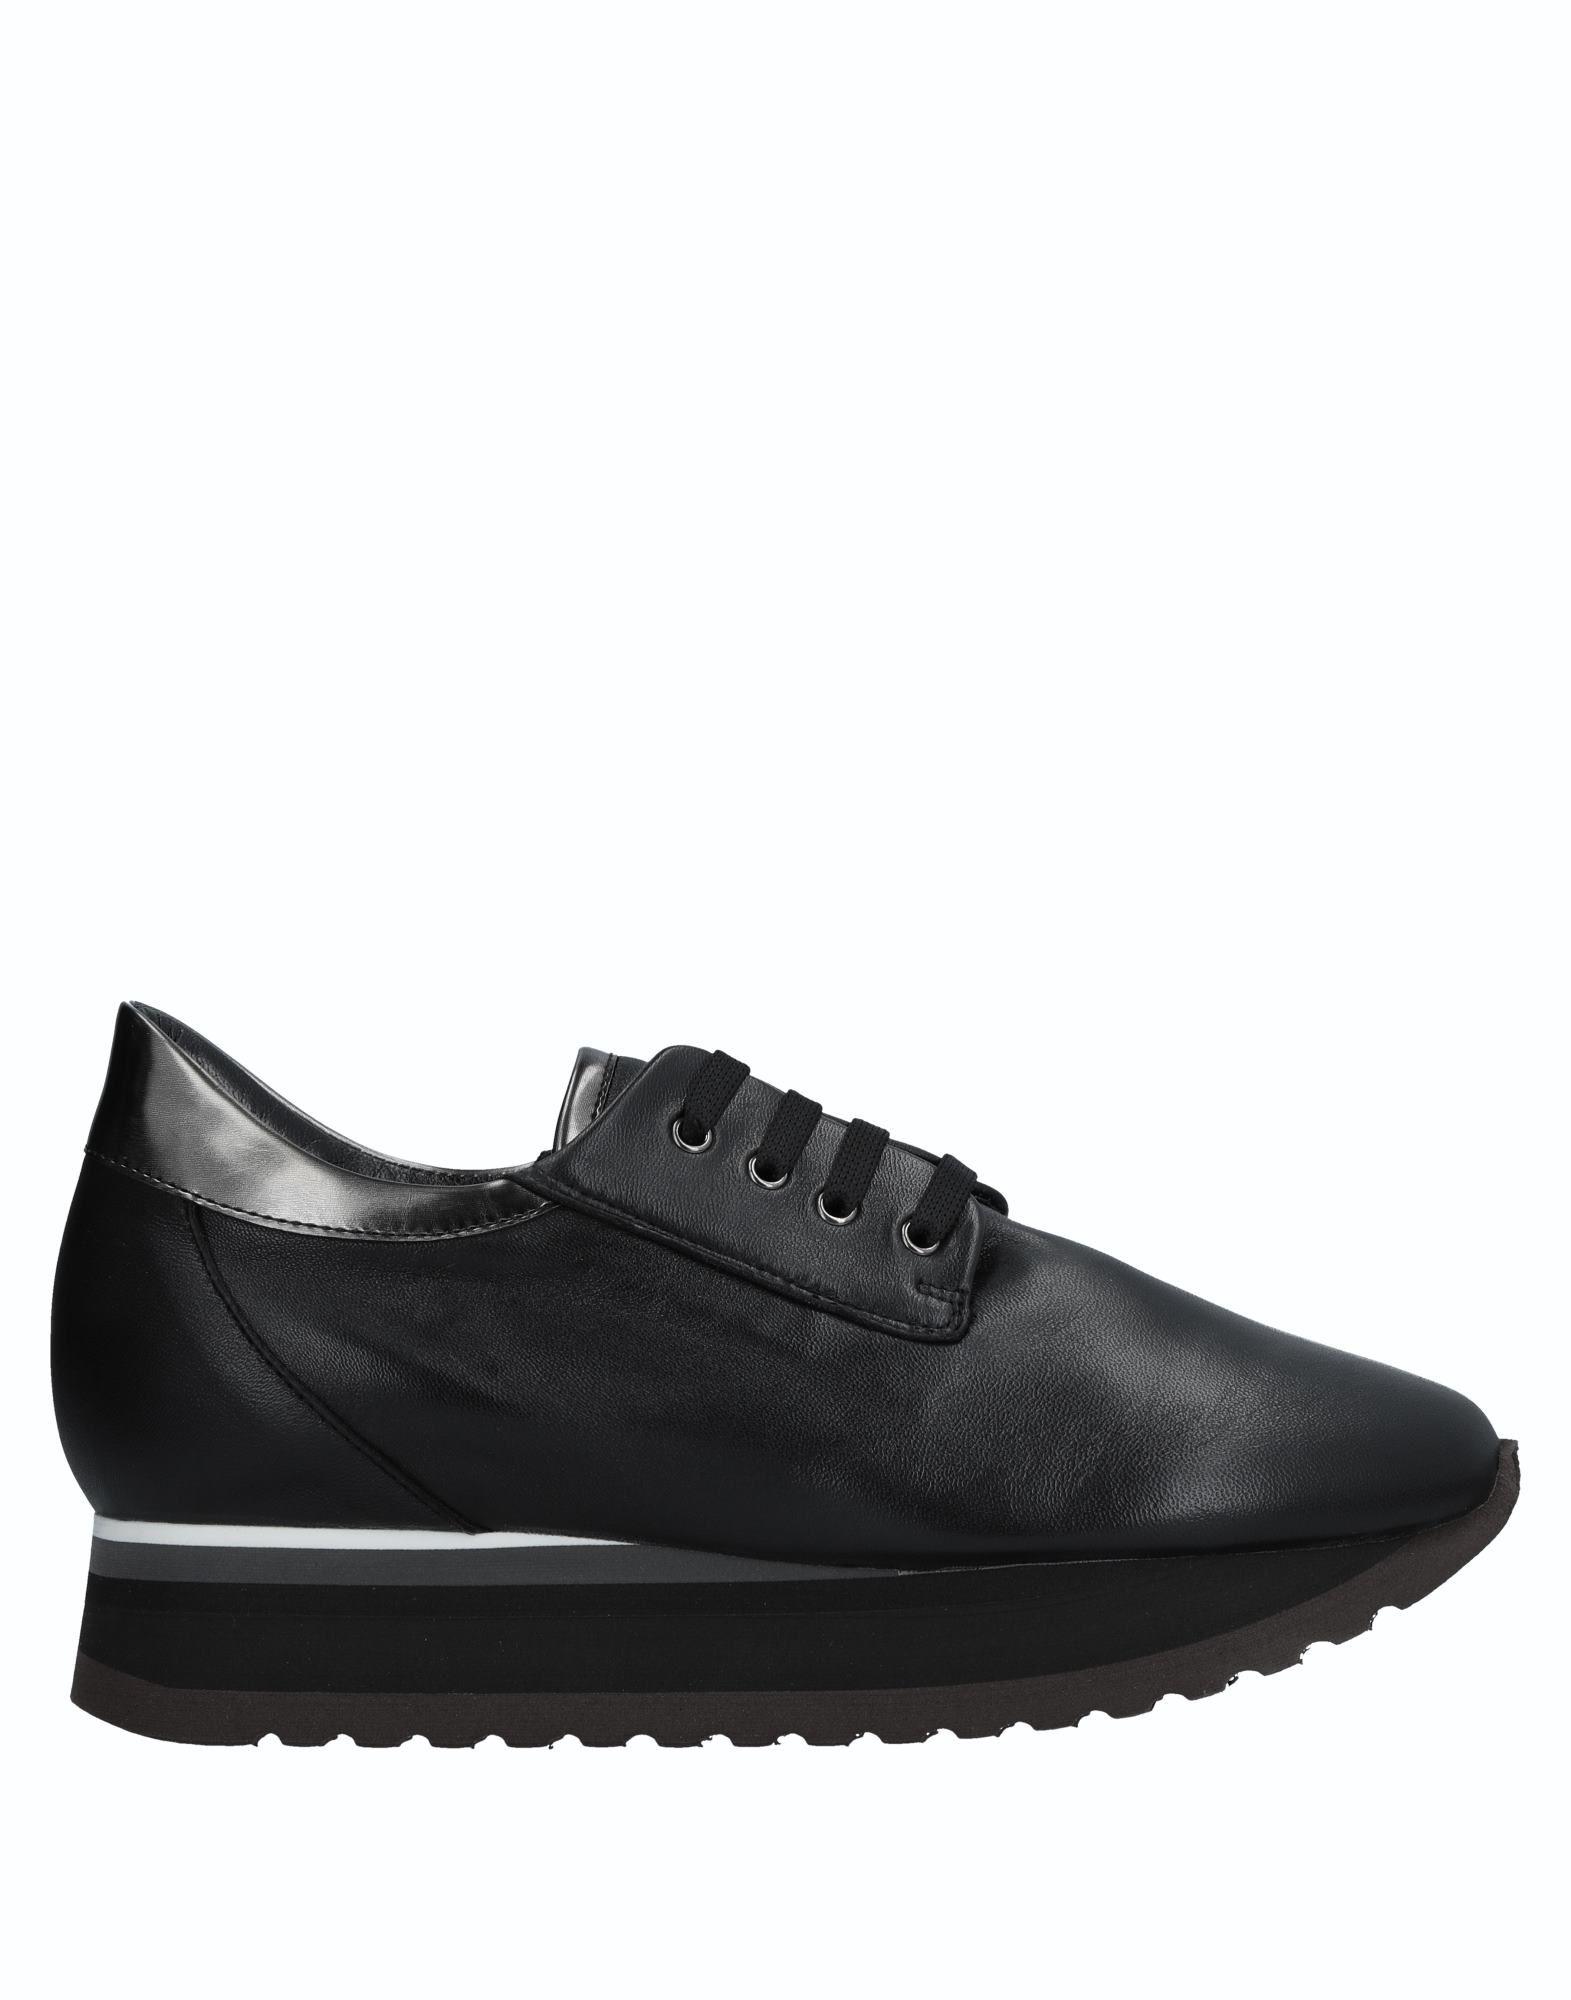 F.Lli Bruglia Sneakers Damen  11518331KL